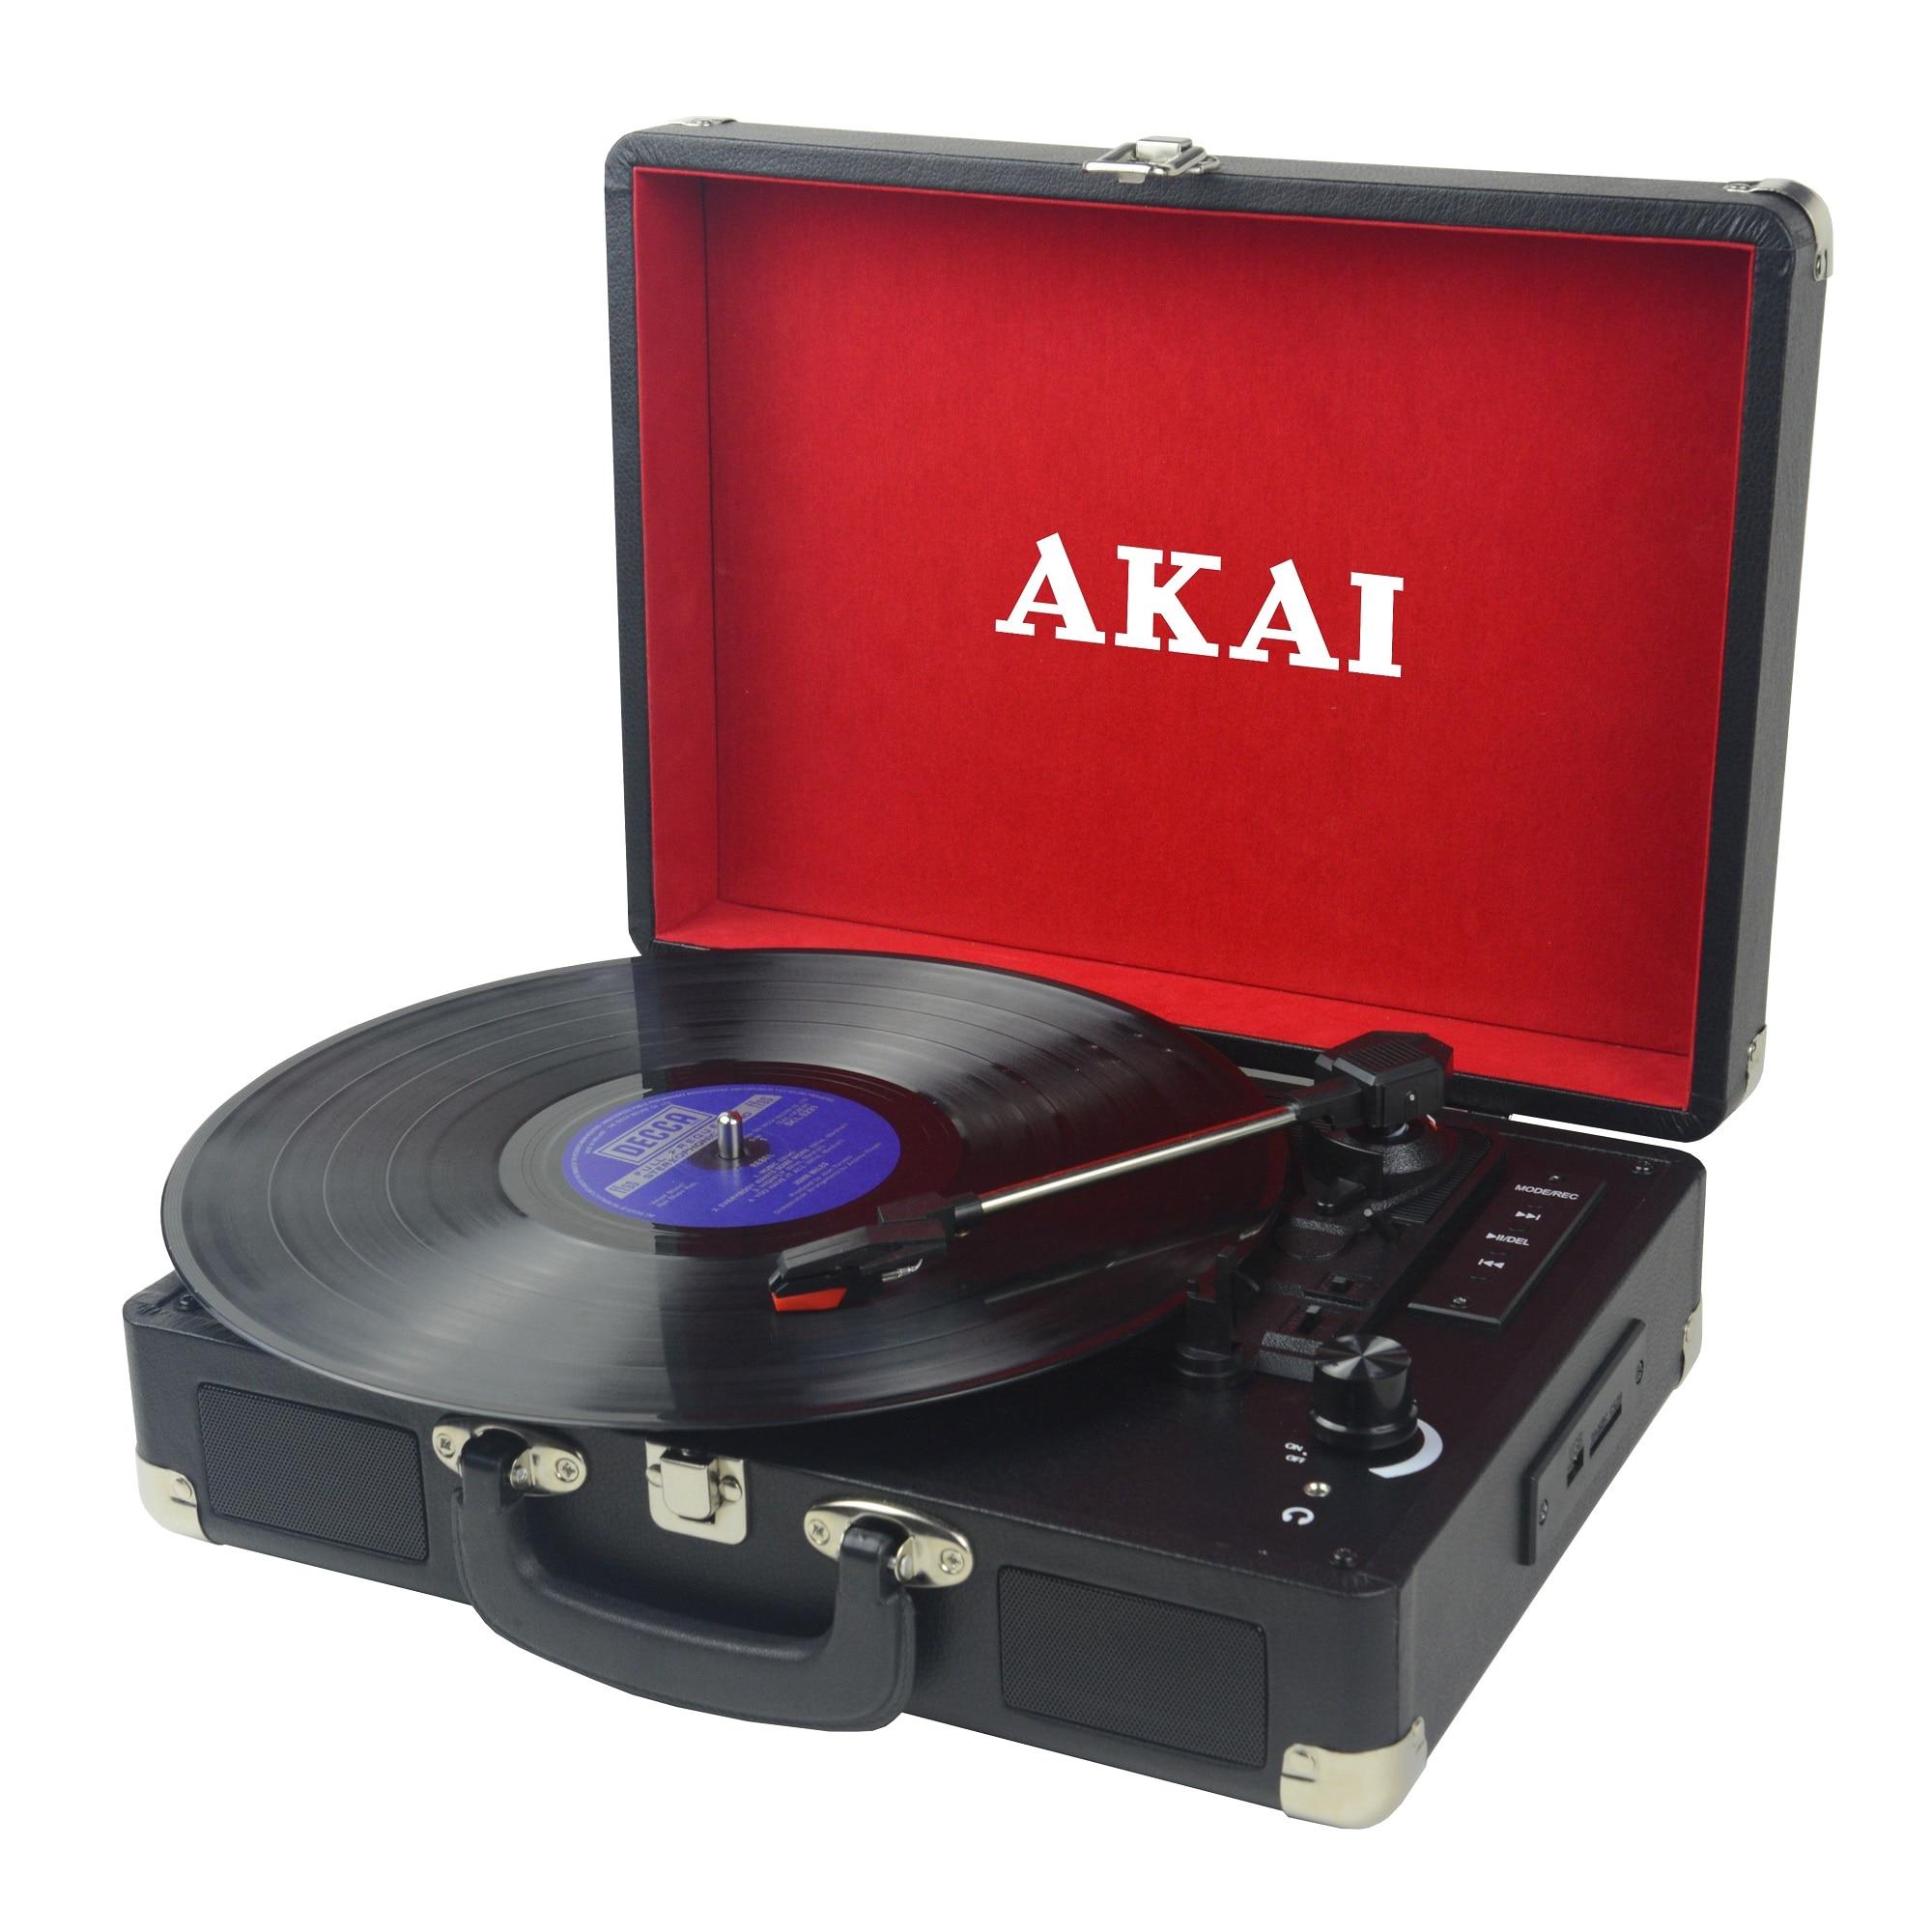 Fotografie Pick-up AKAI ATT-E10